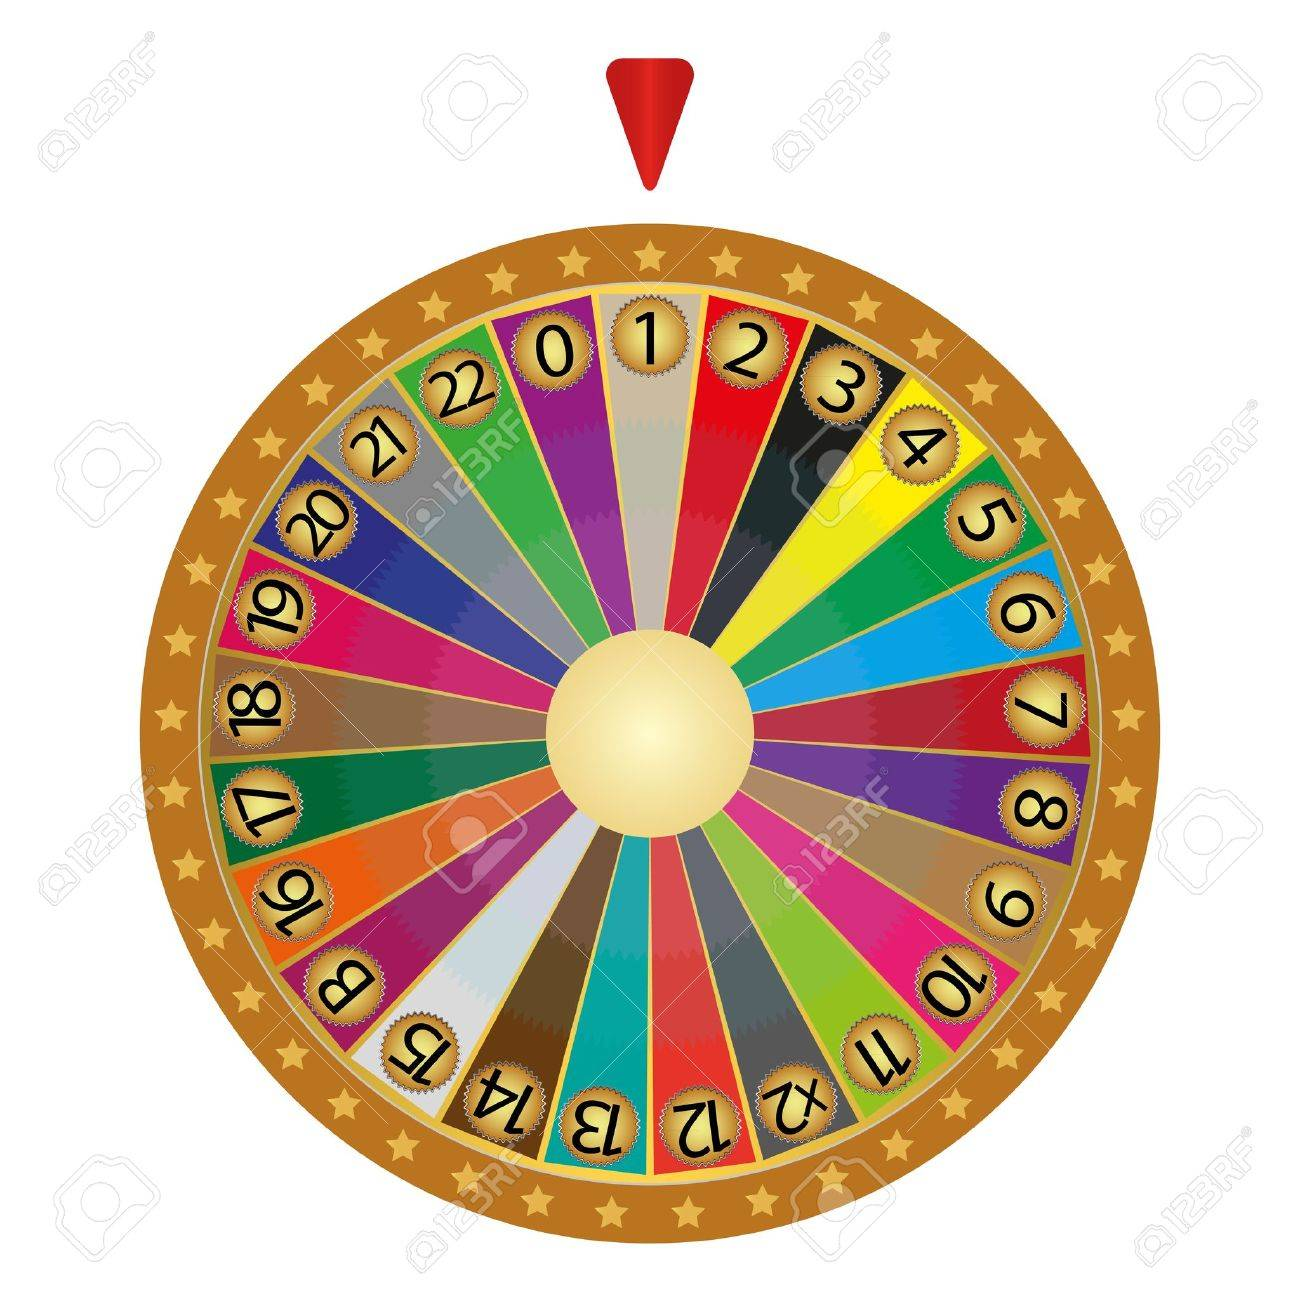 Wheel of fortune Stock Vector - 16718143